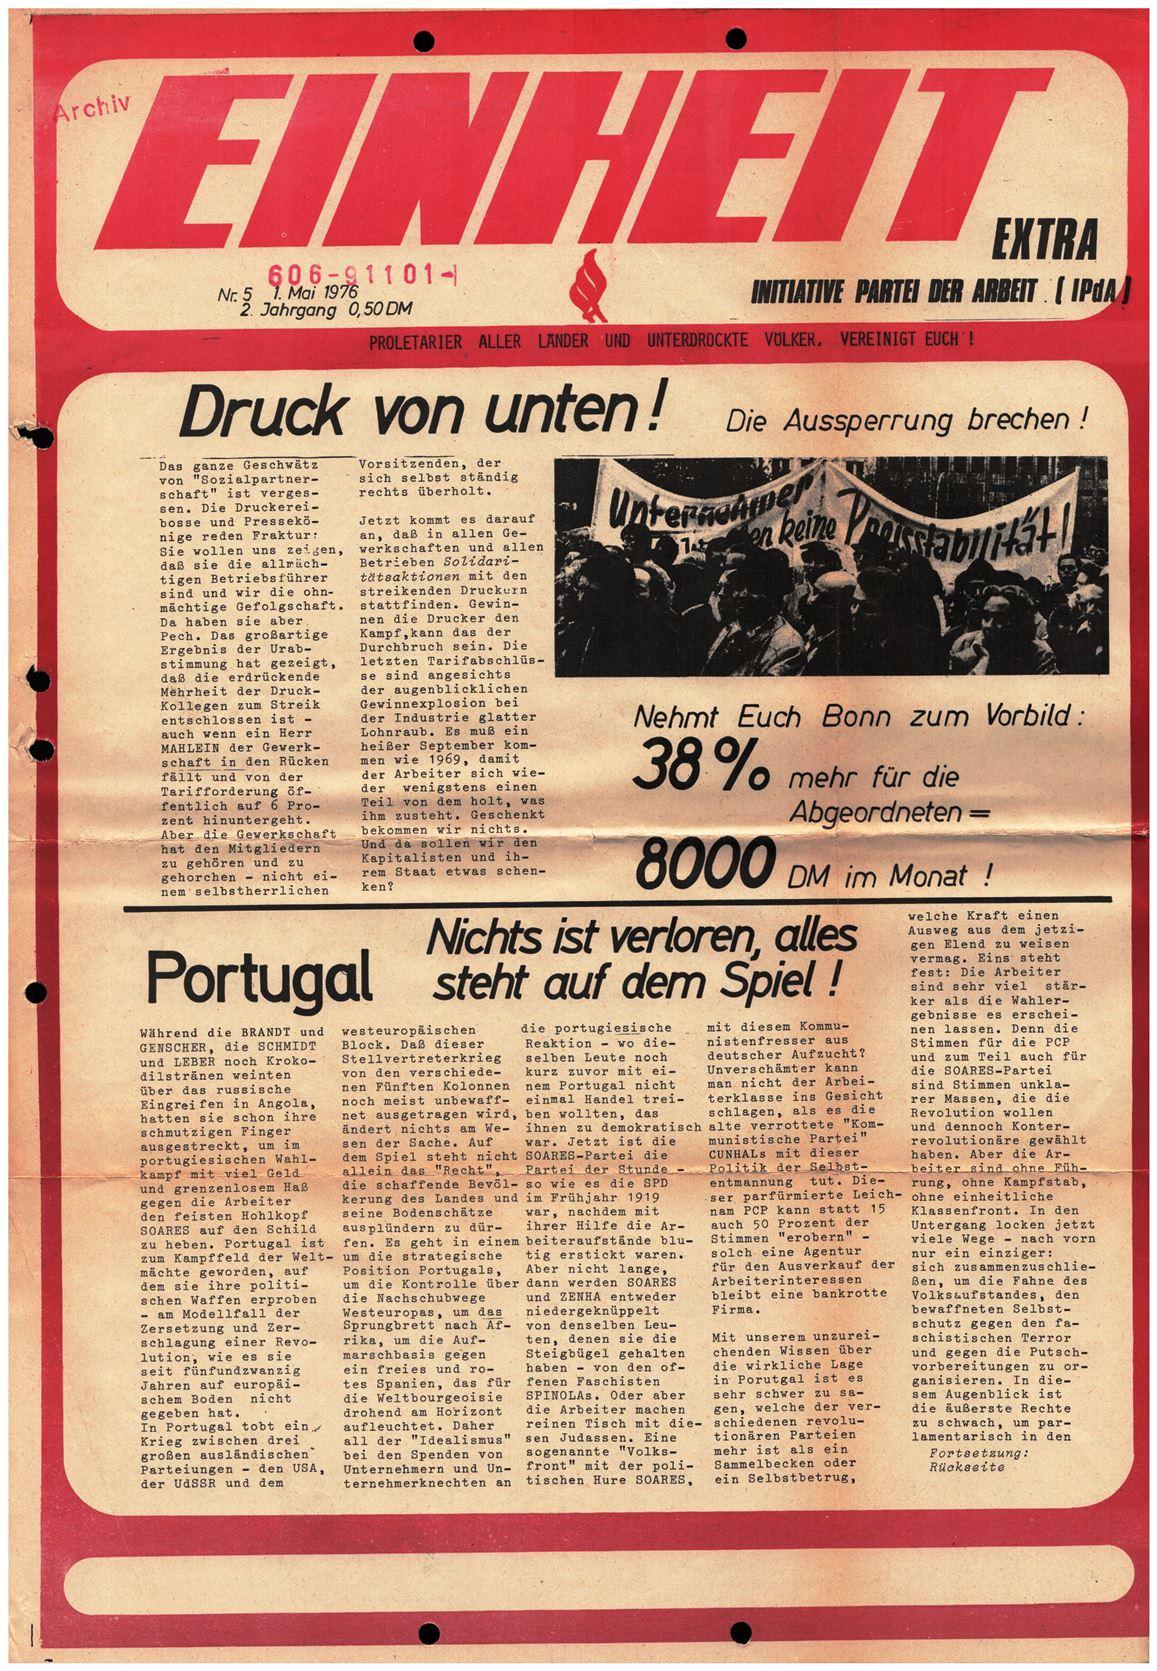 Koeln_IPdA_Einheit_1976_Extra_005_001